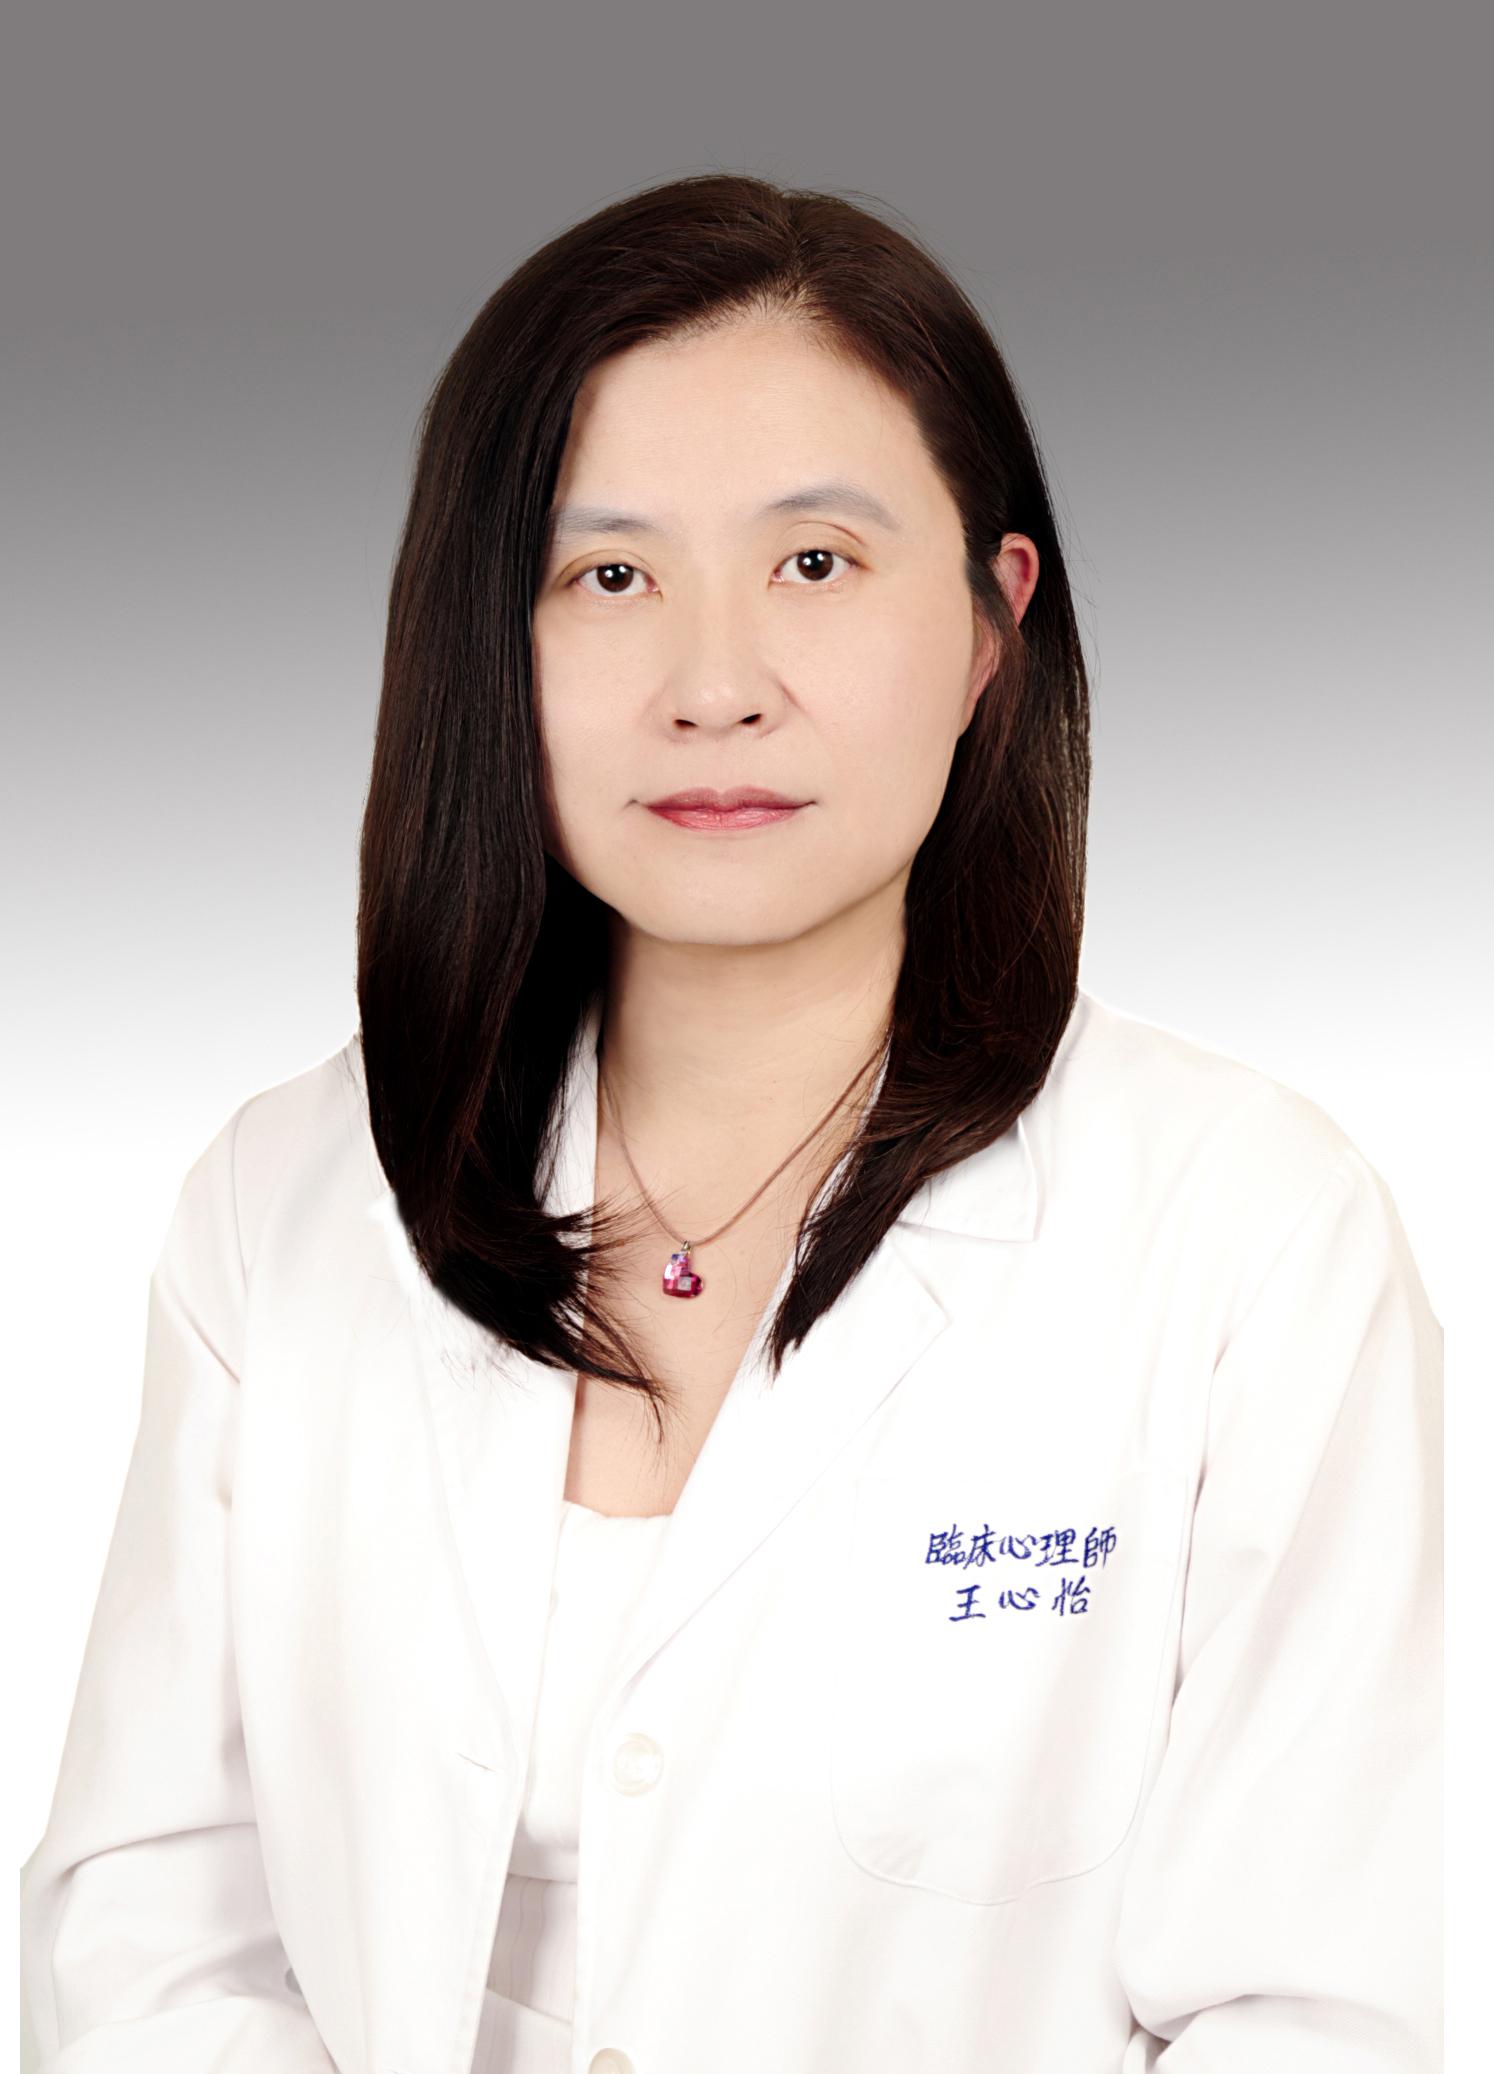 王心怡 臨床心理師